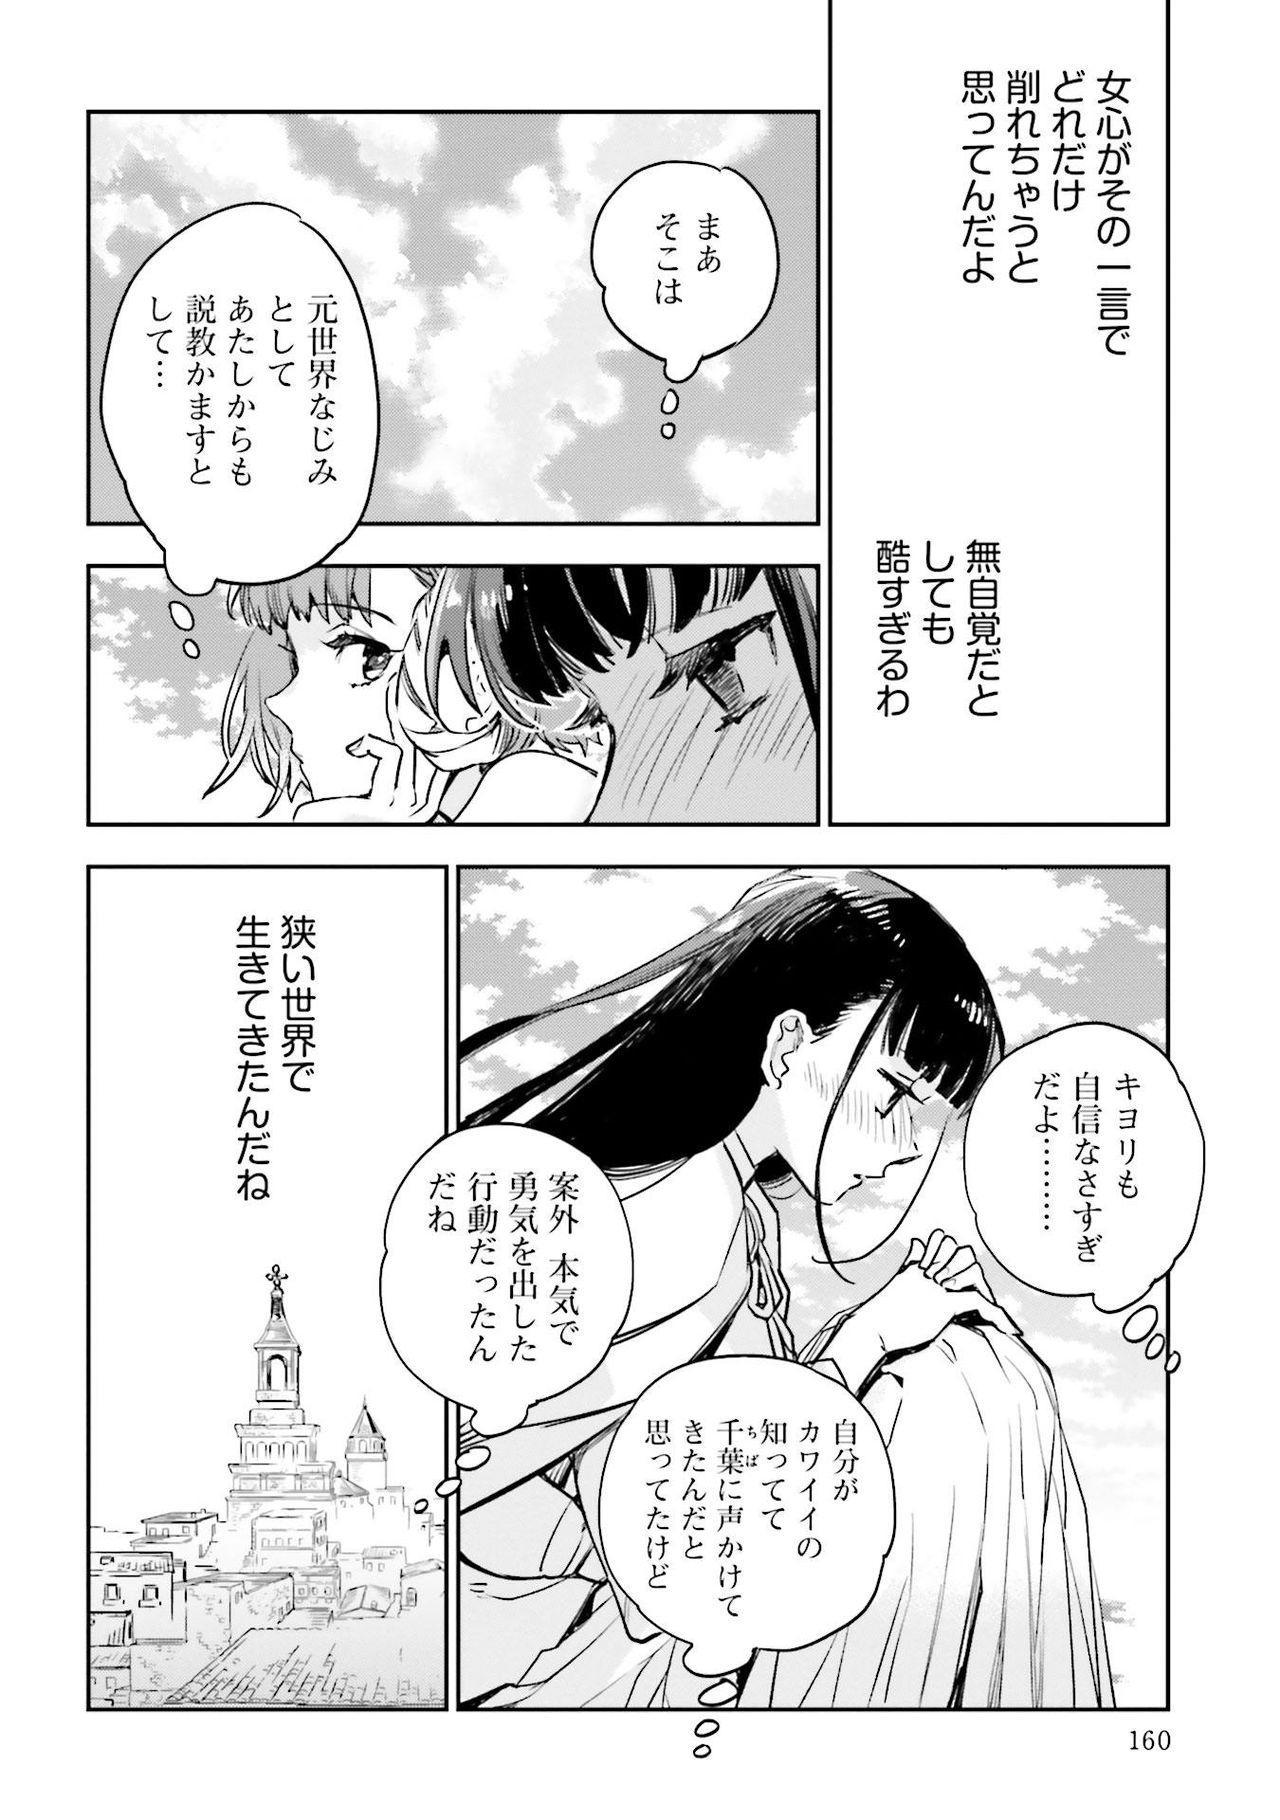 JK Haru wa Isekai de Shoufu ni Natta 1-14 519